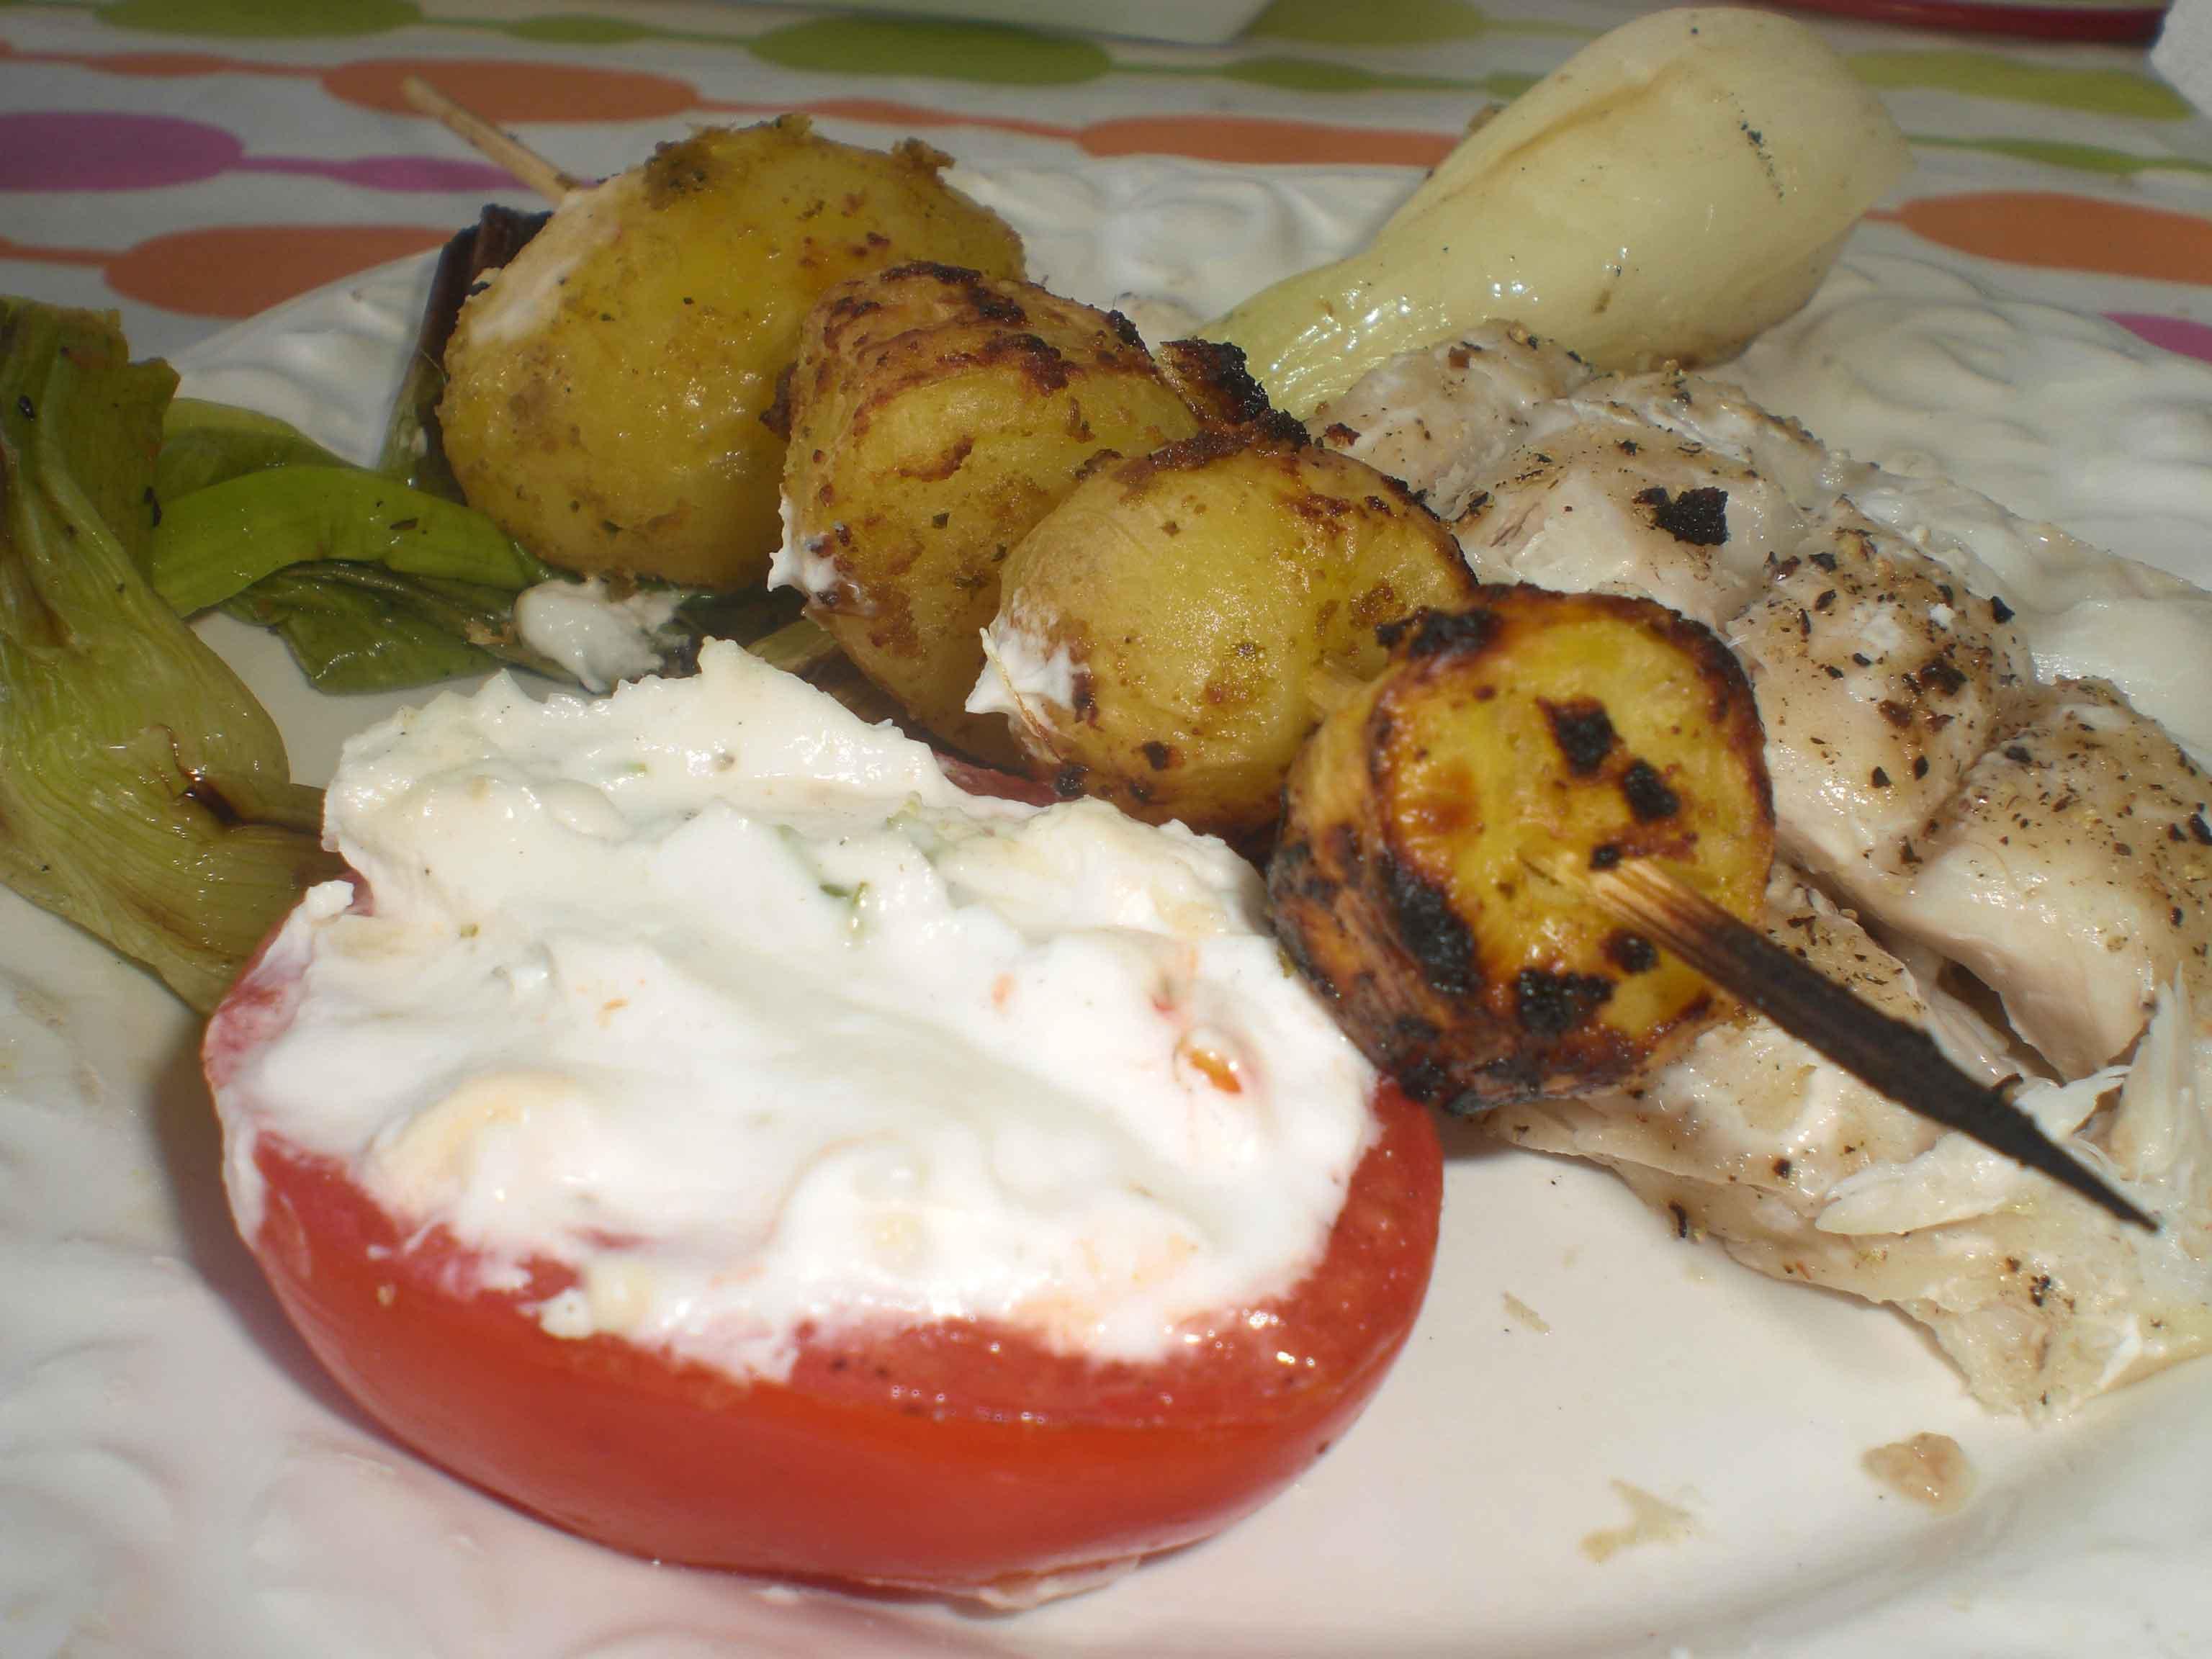 Grillet kulmule med nye kartofler på spyd og fyldte tomater